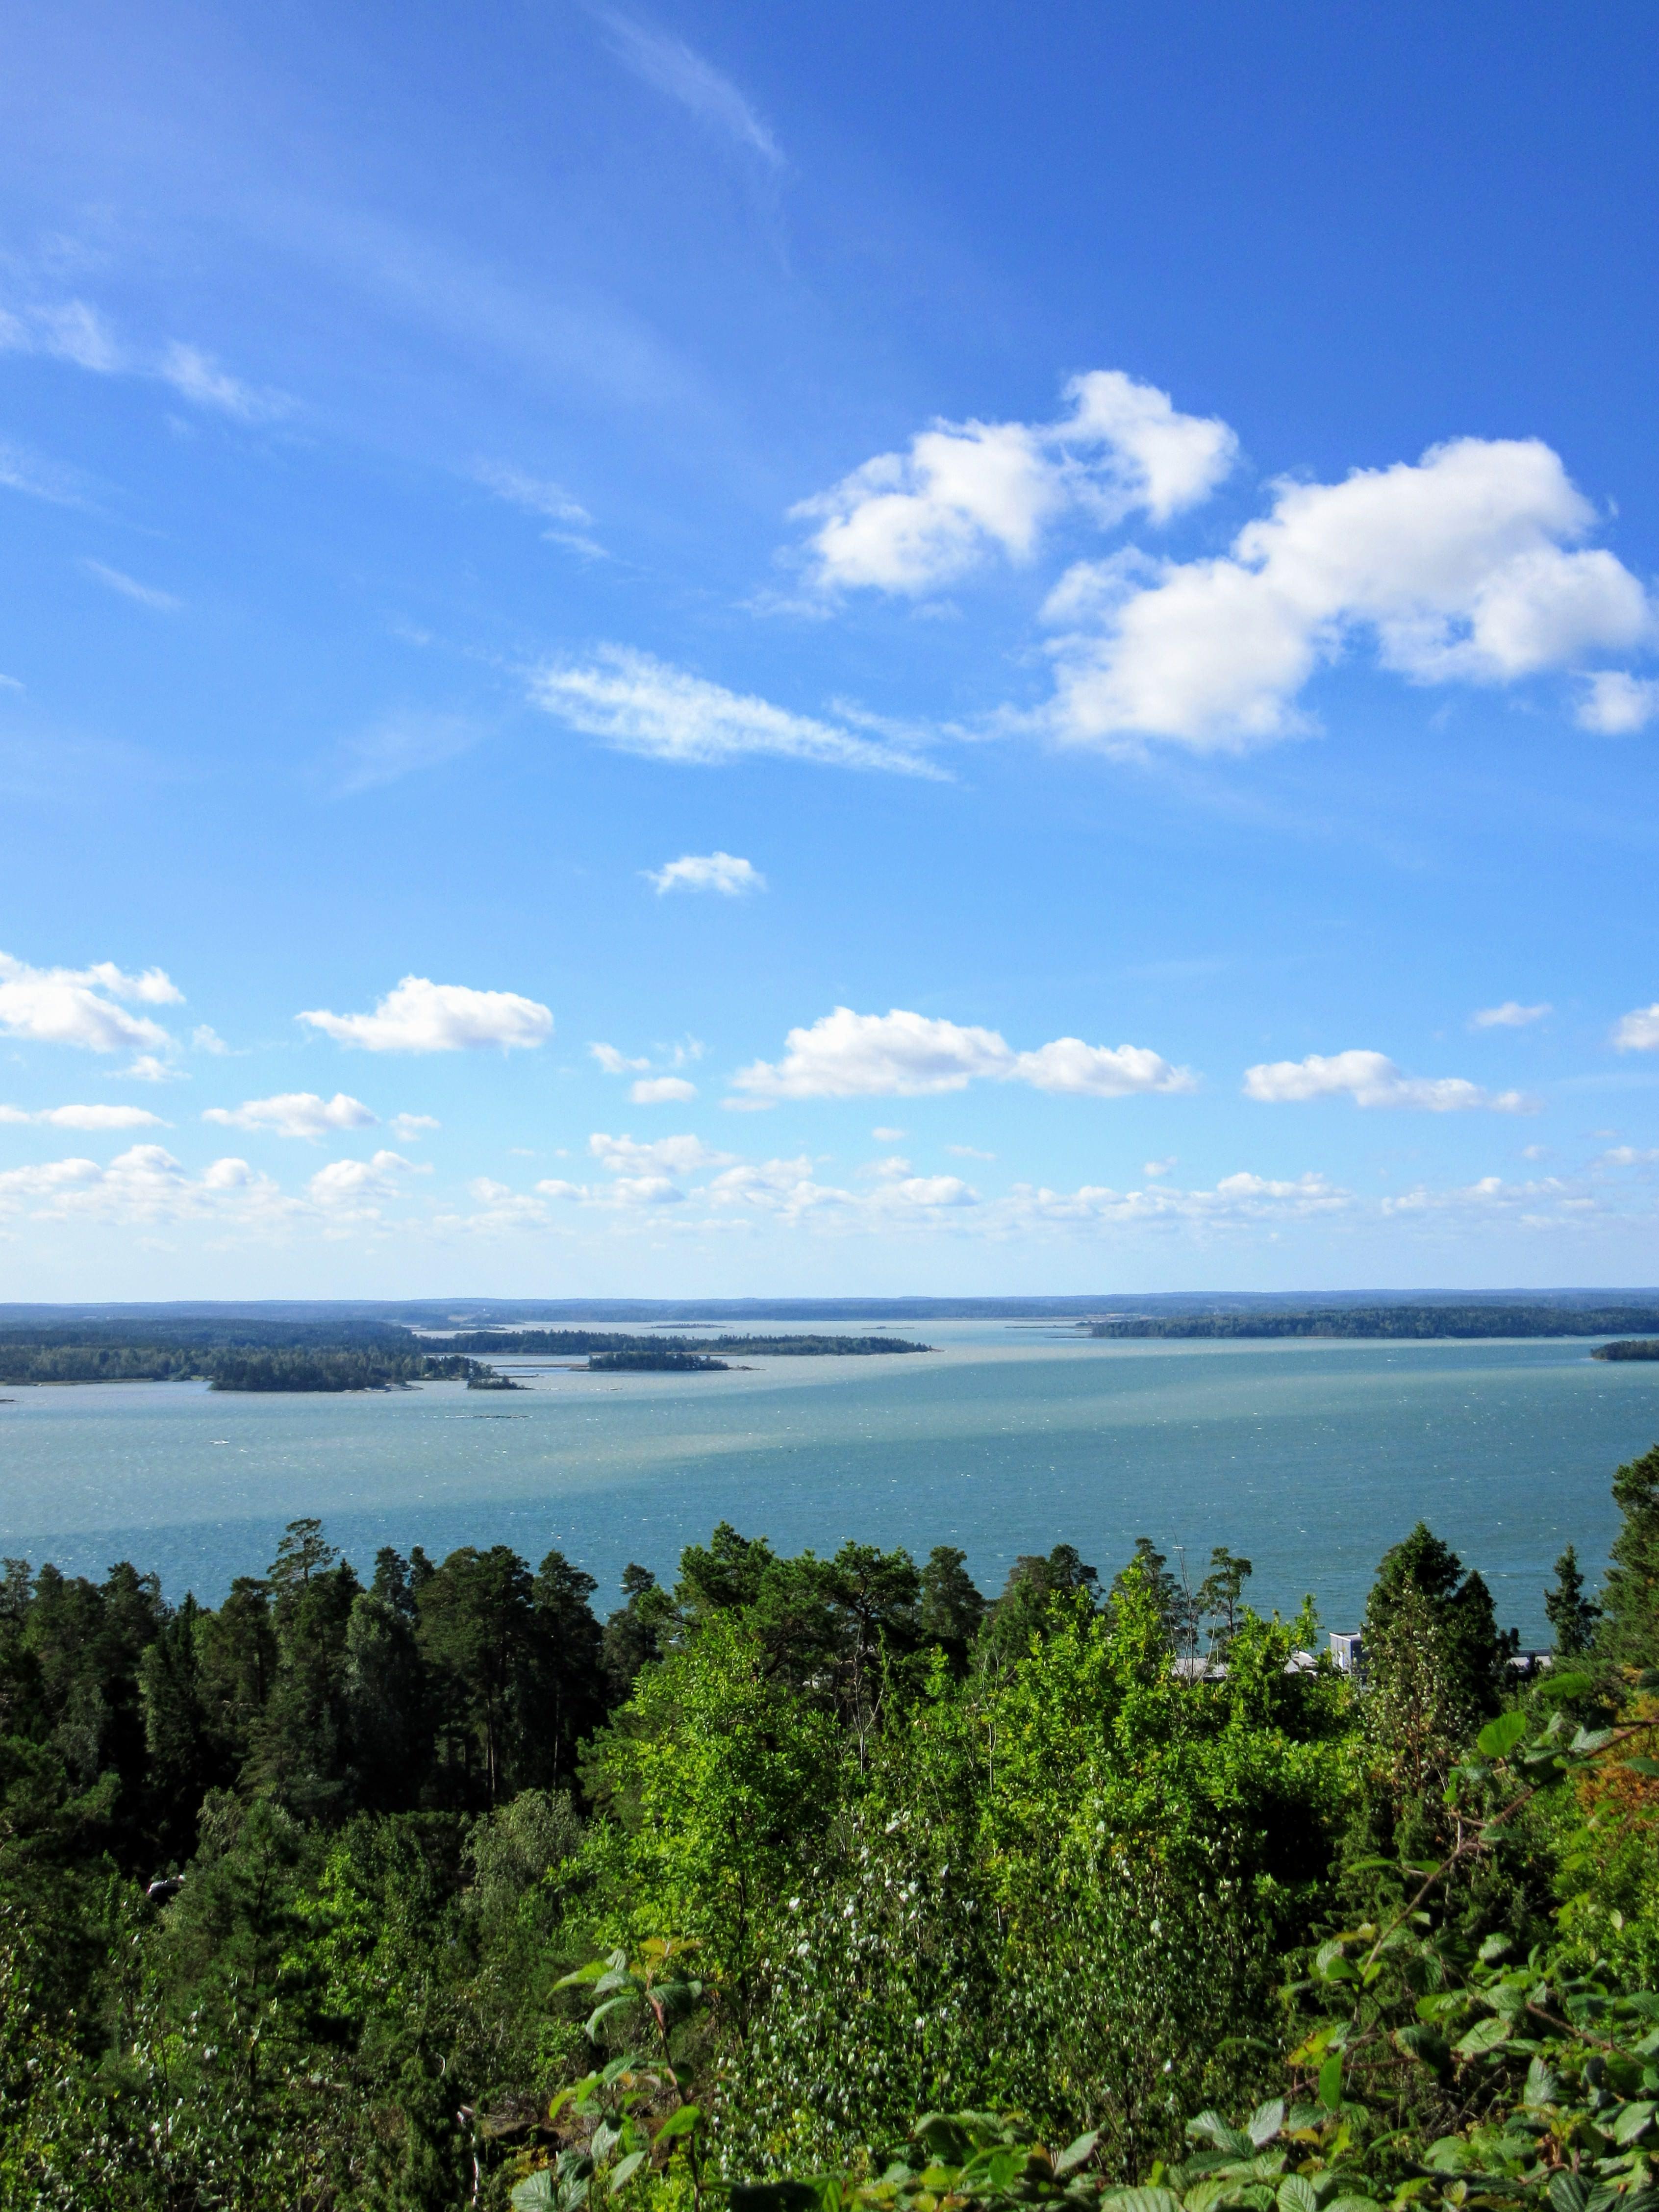 Bråviken Bay from Kolmården Wildlife Park.